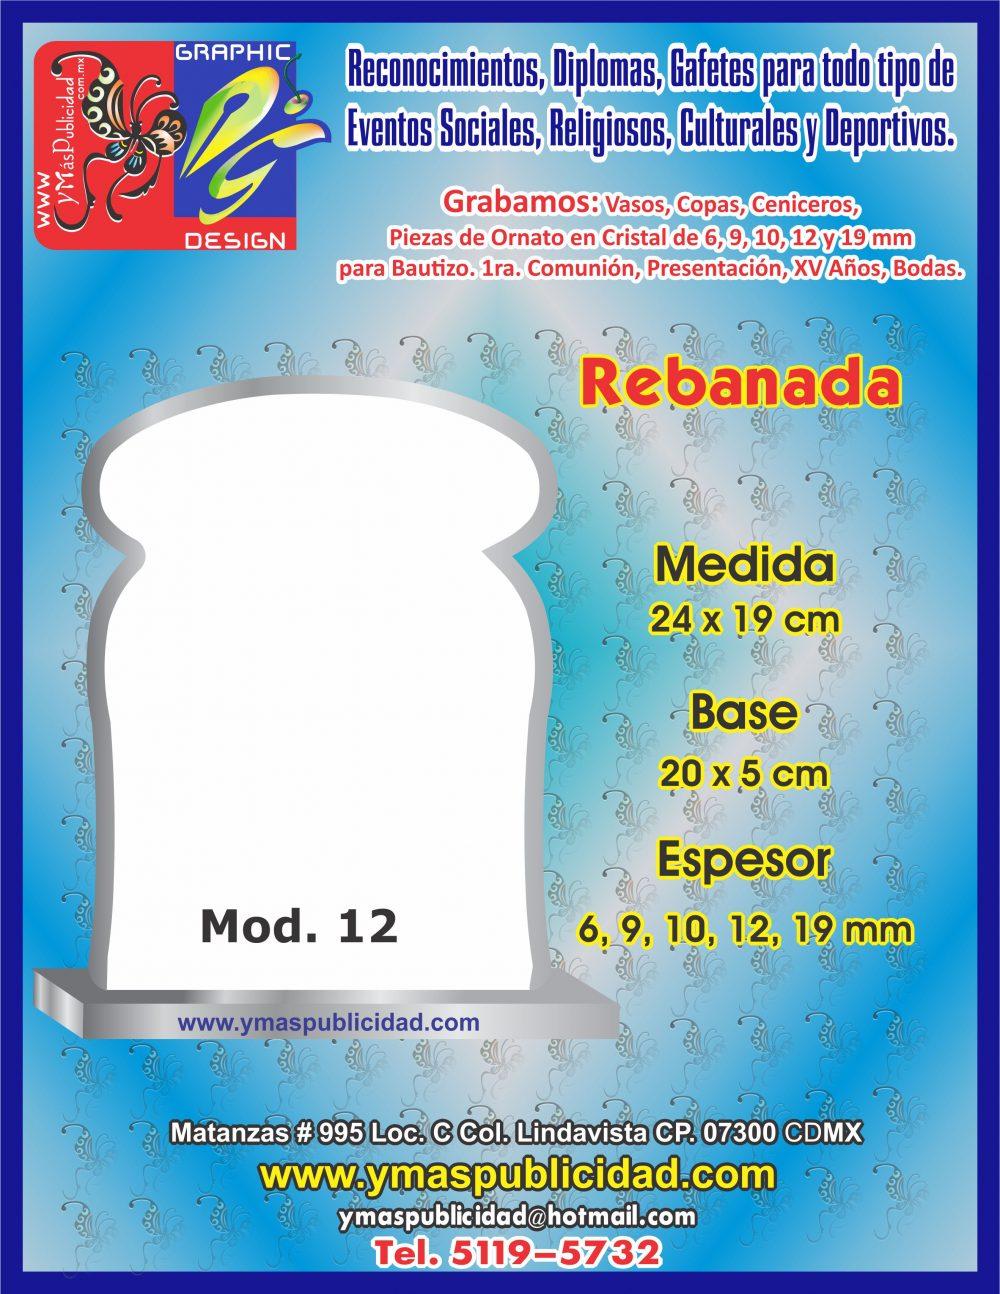 REBANADA